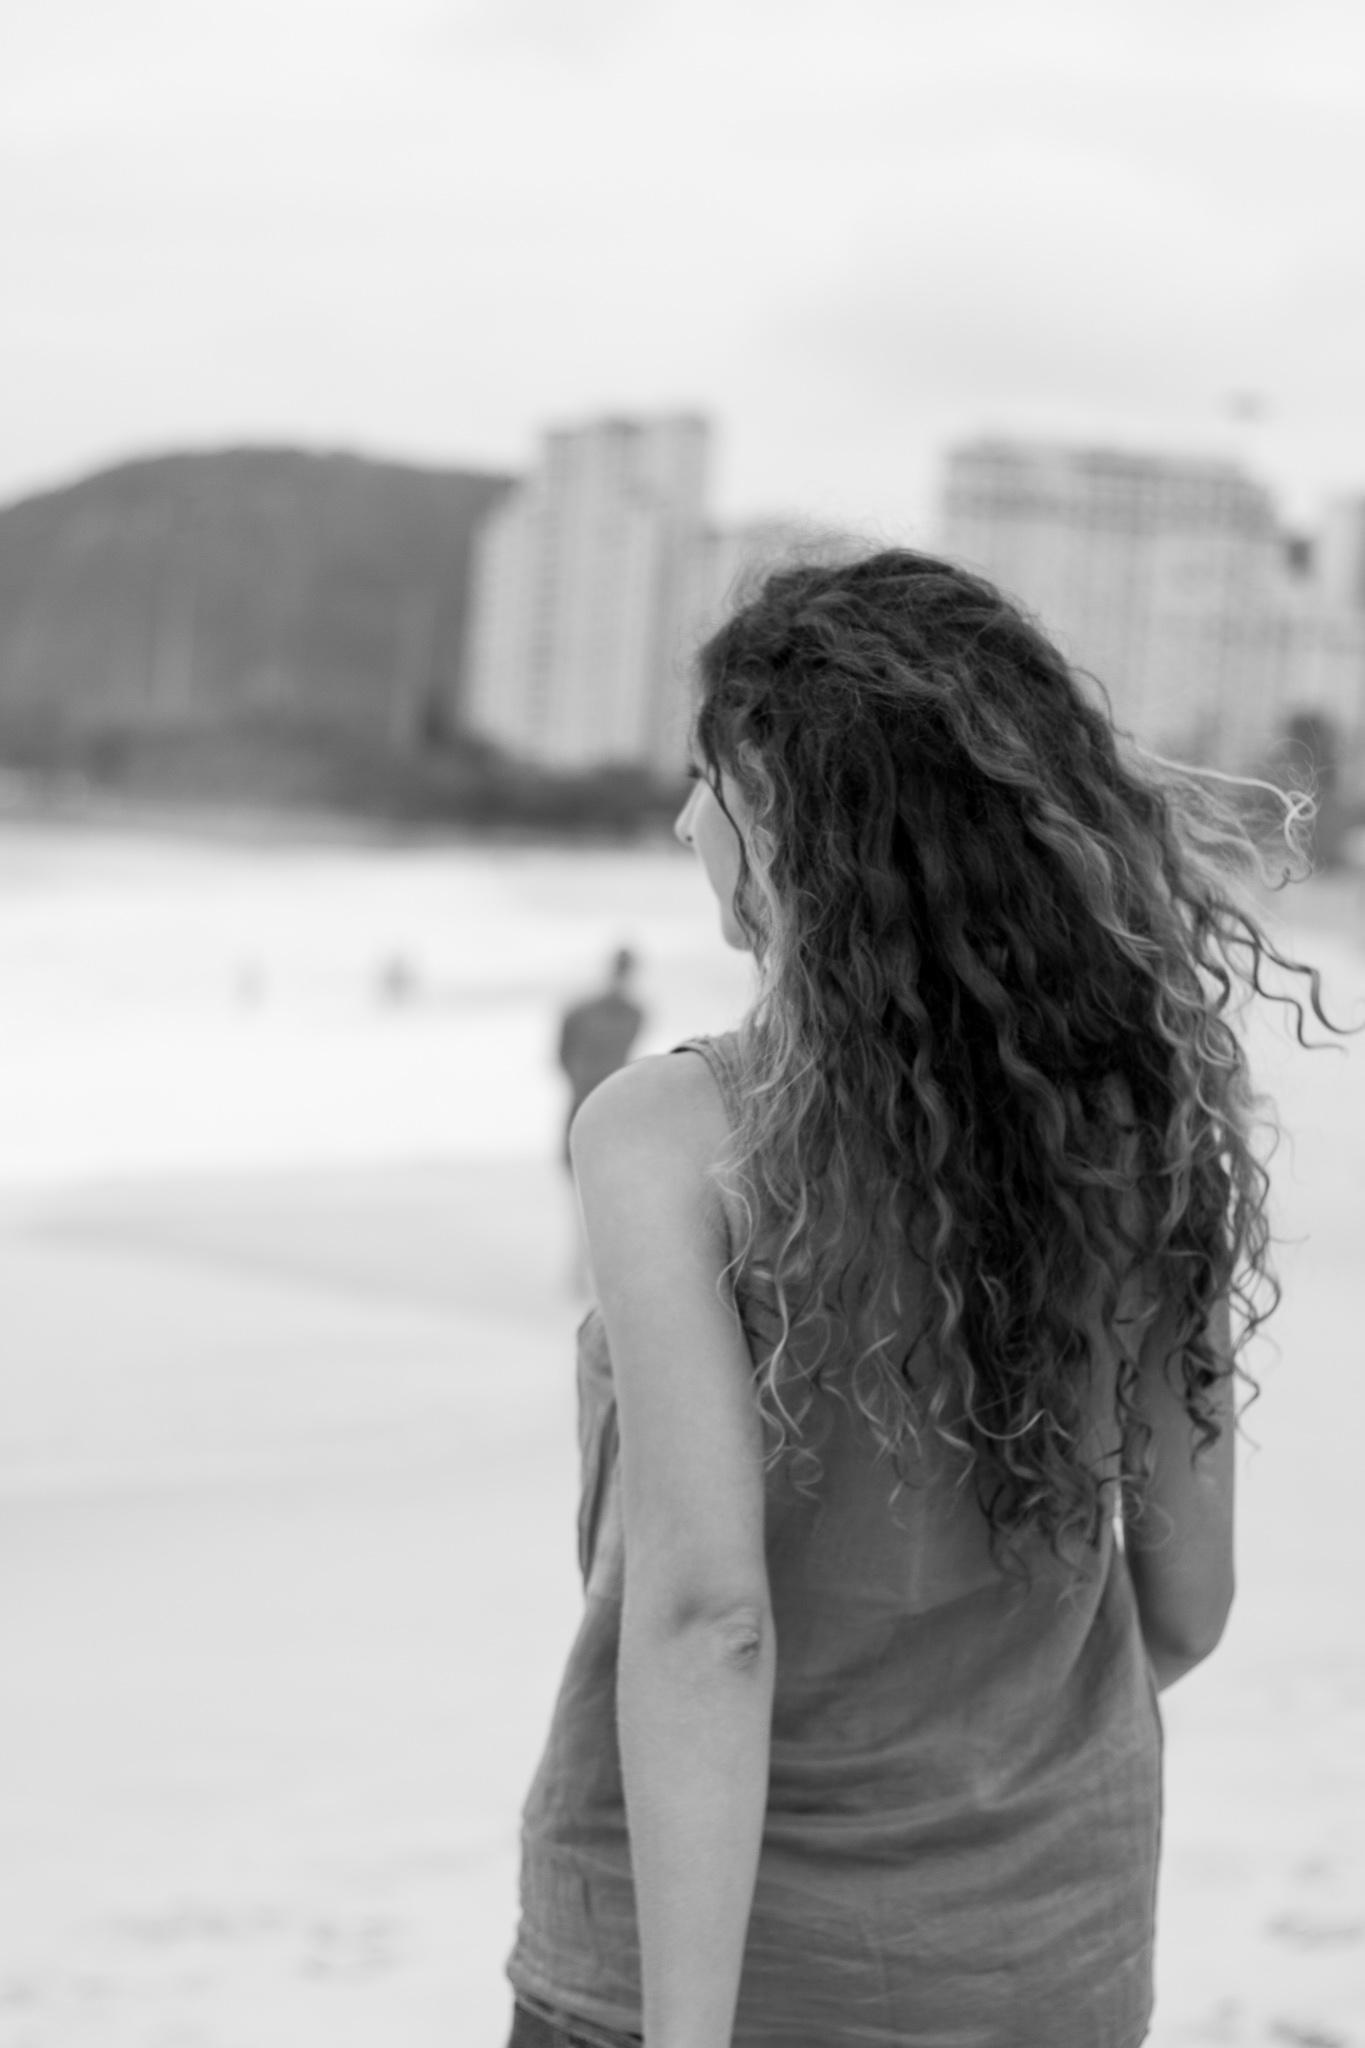 Ensaio feminino, Lapa, Rio de Janeiro